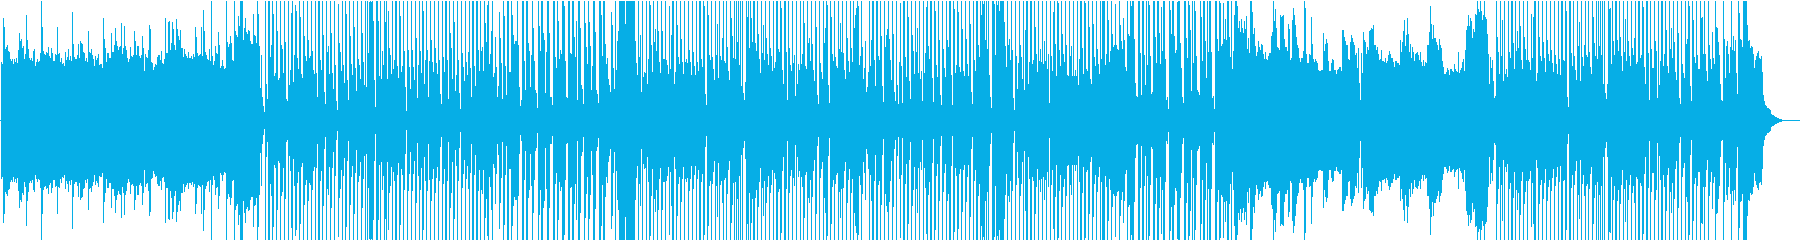 軽快でメランコリックなメロディーを...の再生済みの波形